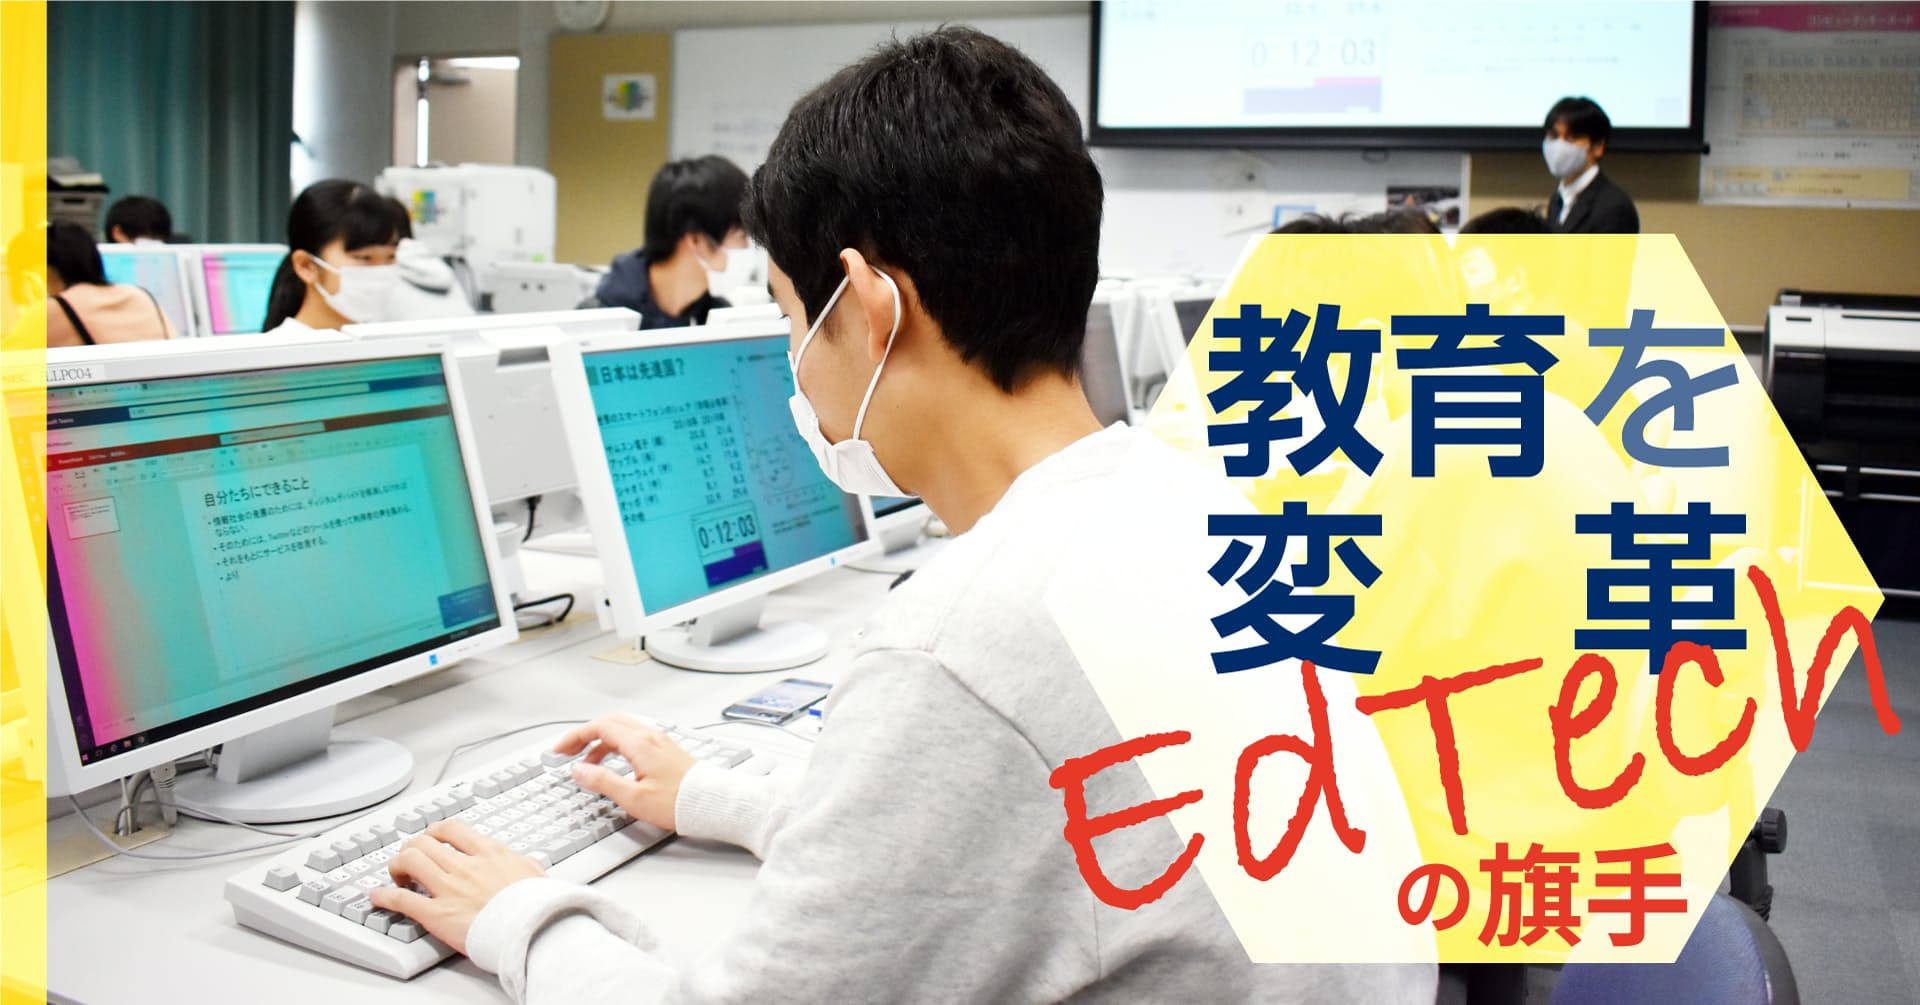 教育を変革 EdTechの旗手